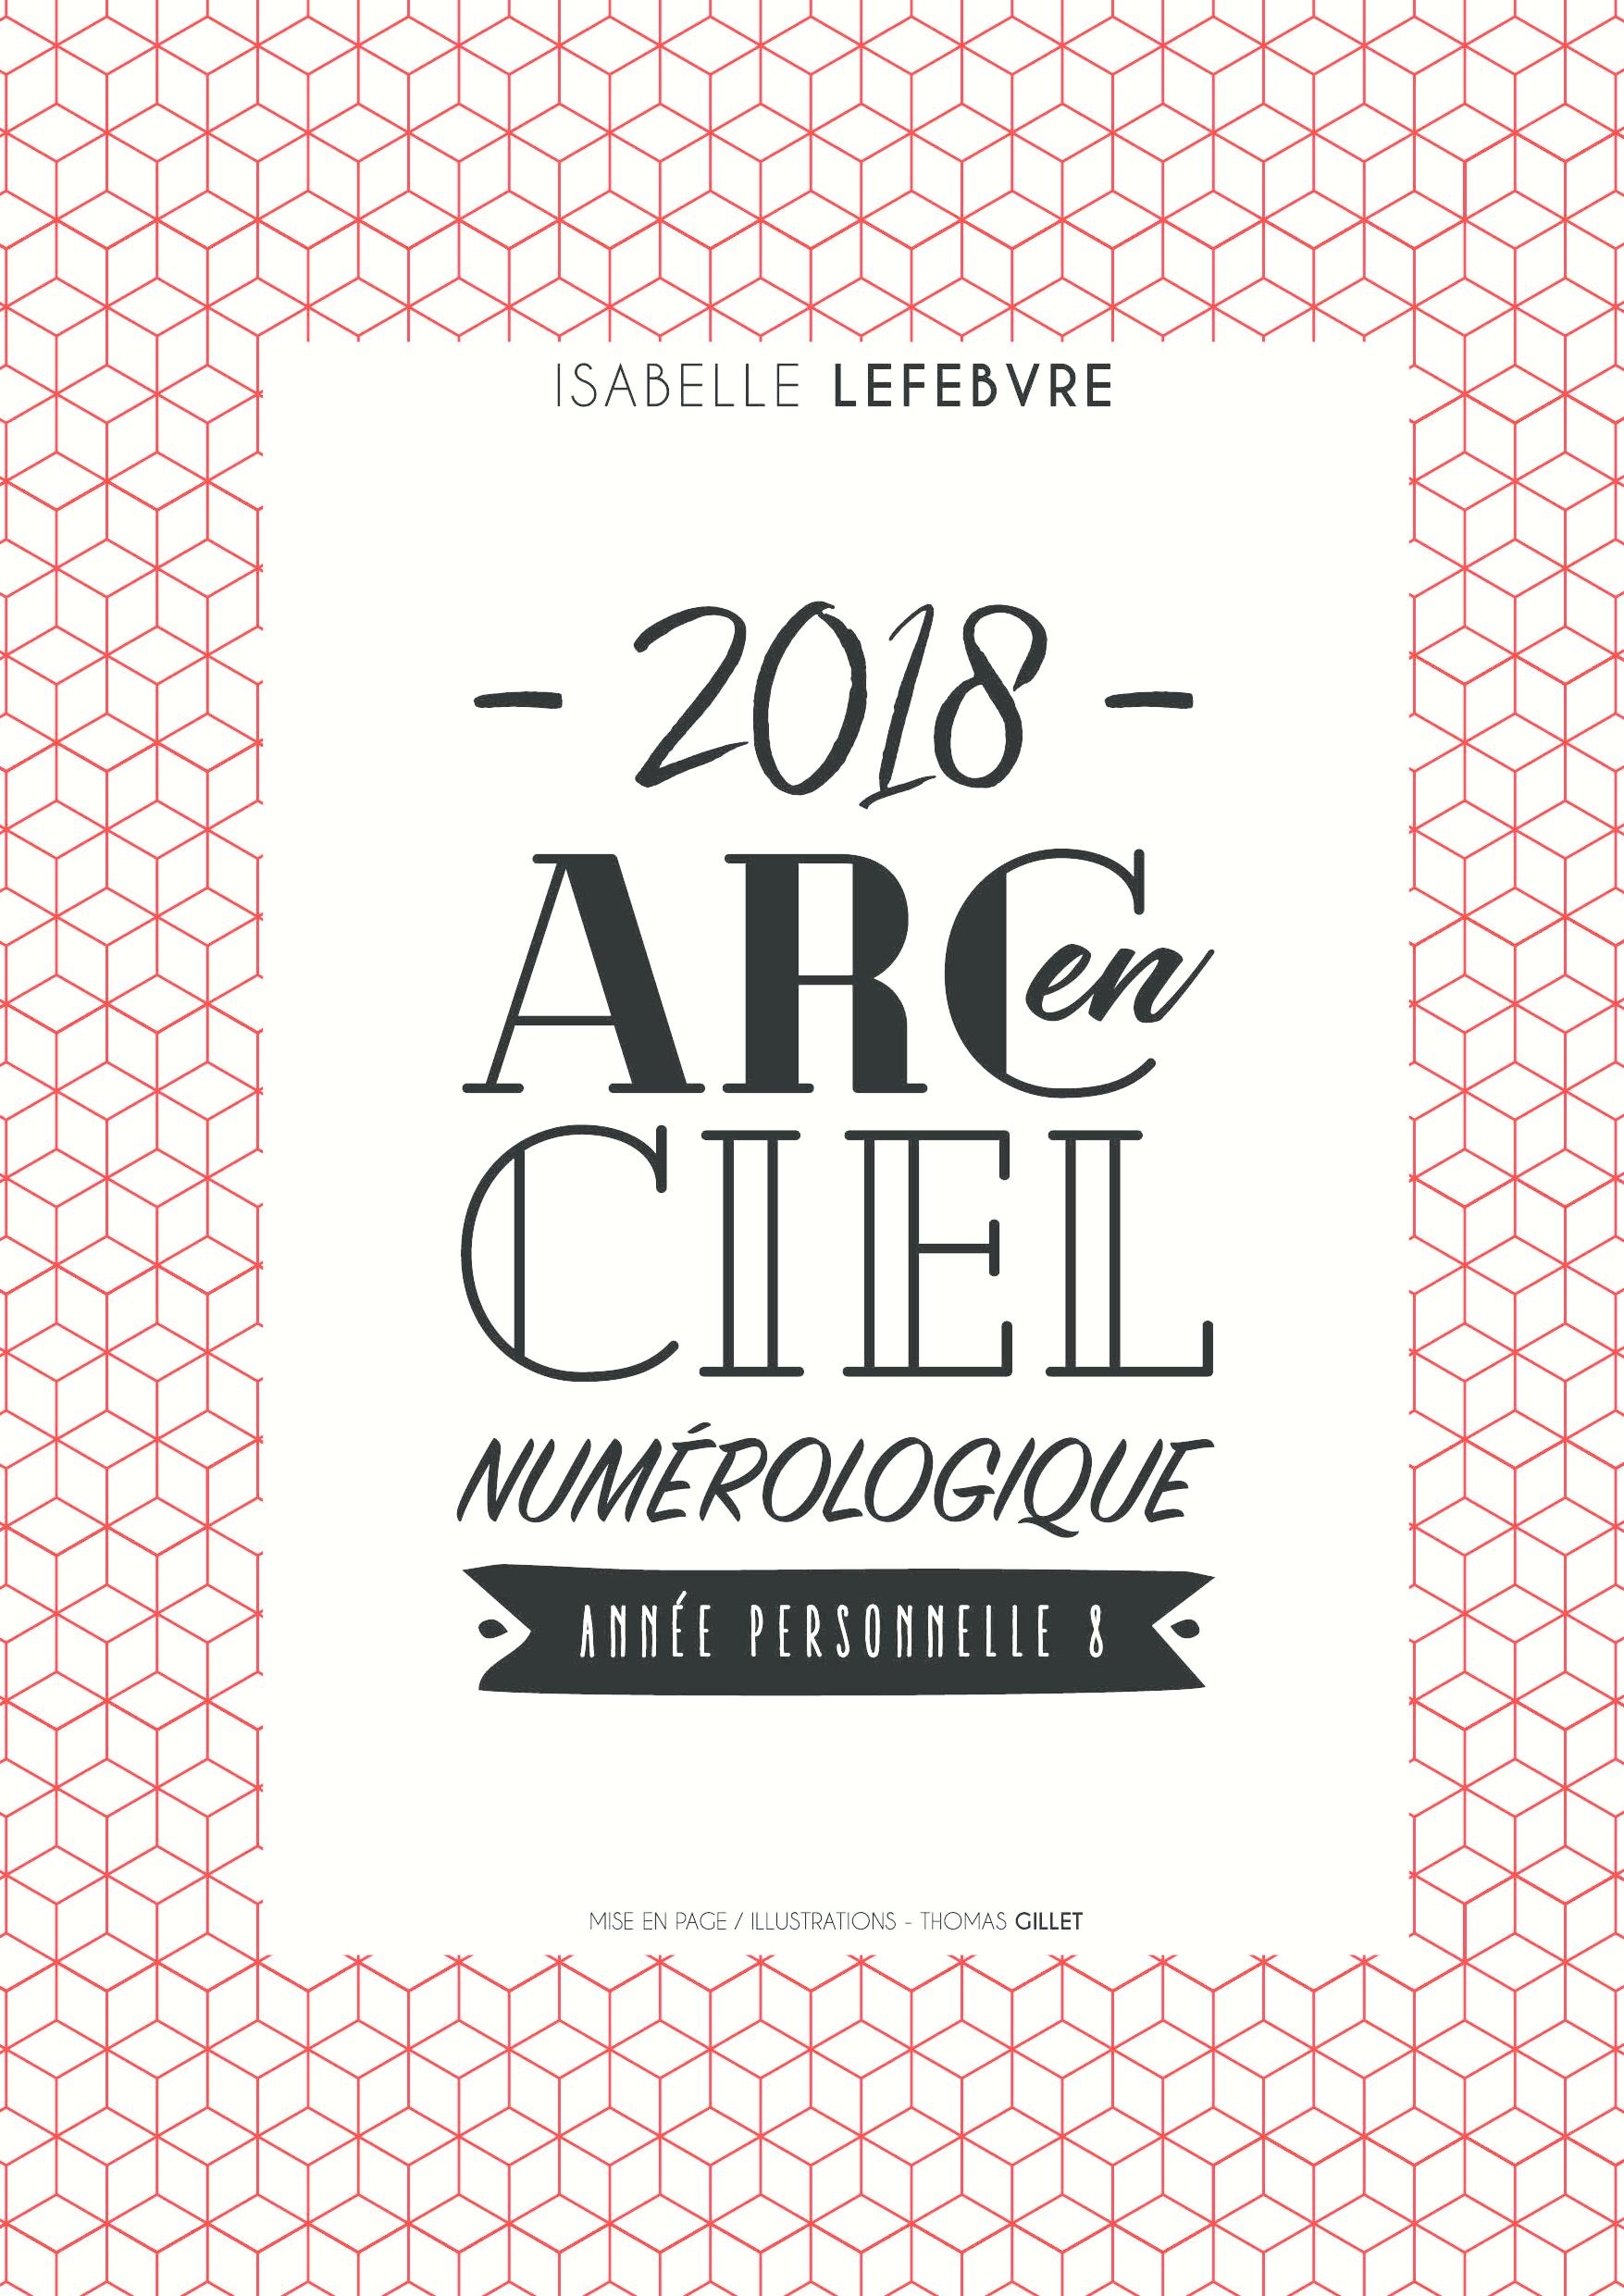 L'arc en ciel Numérologique 2018 - 8